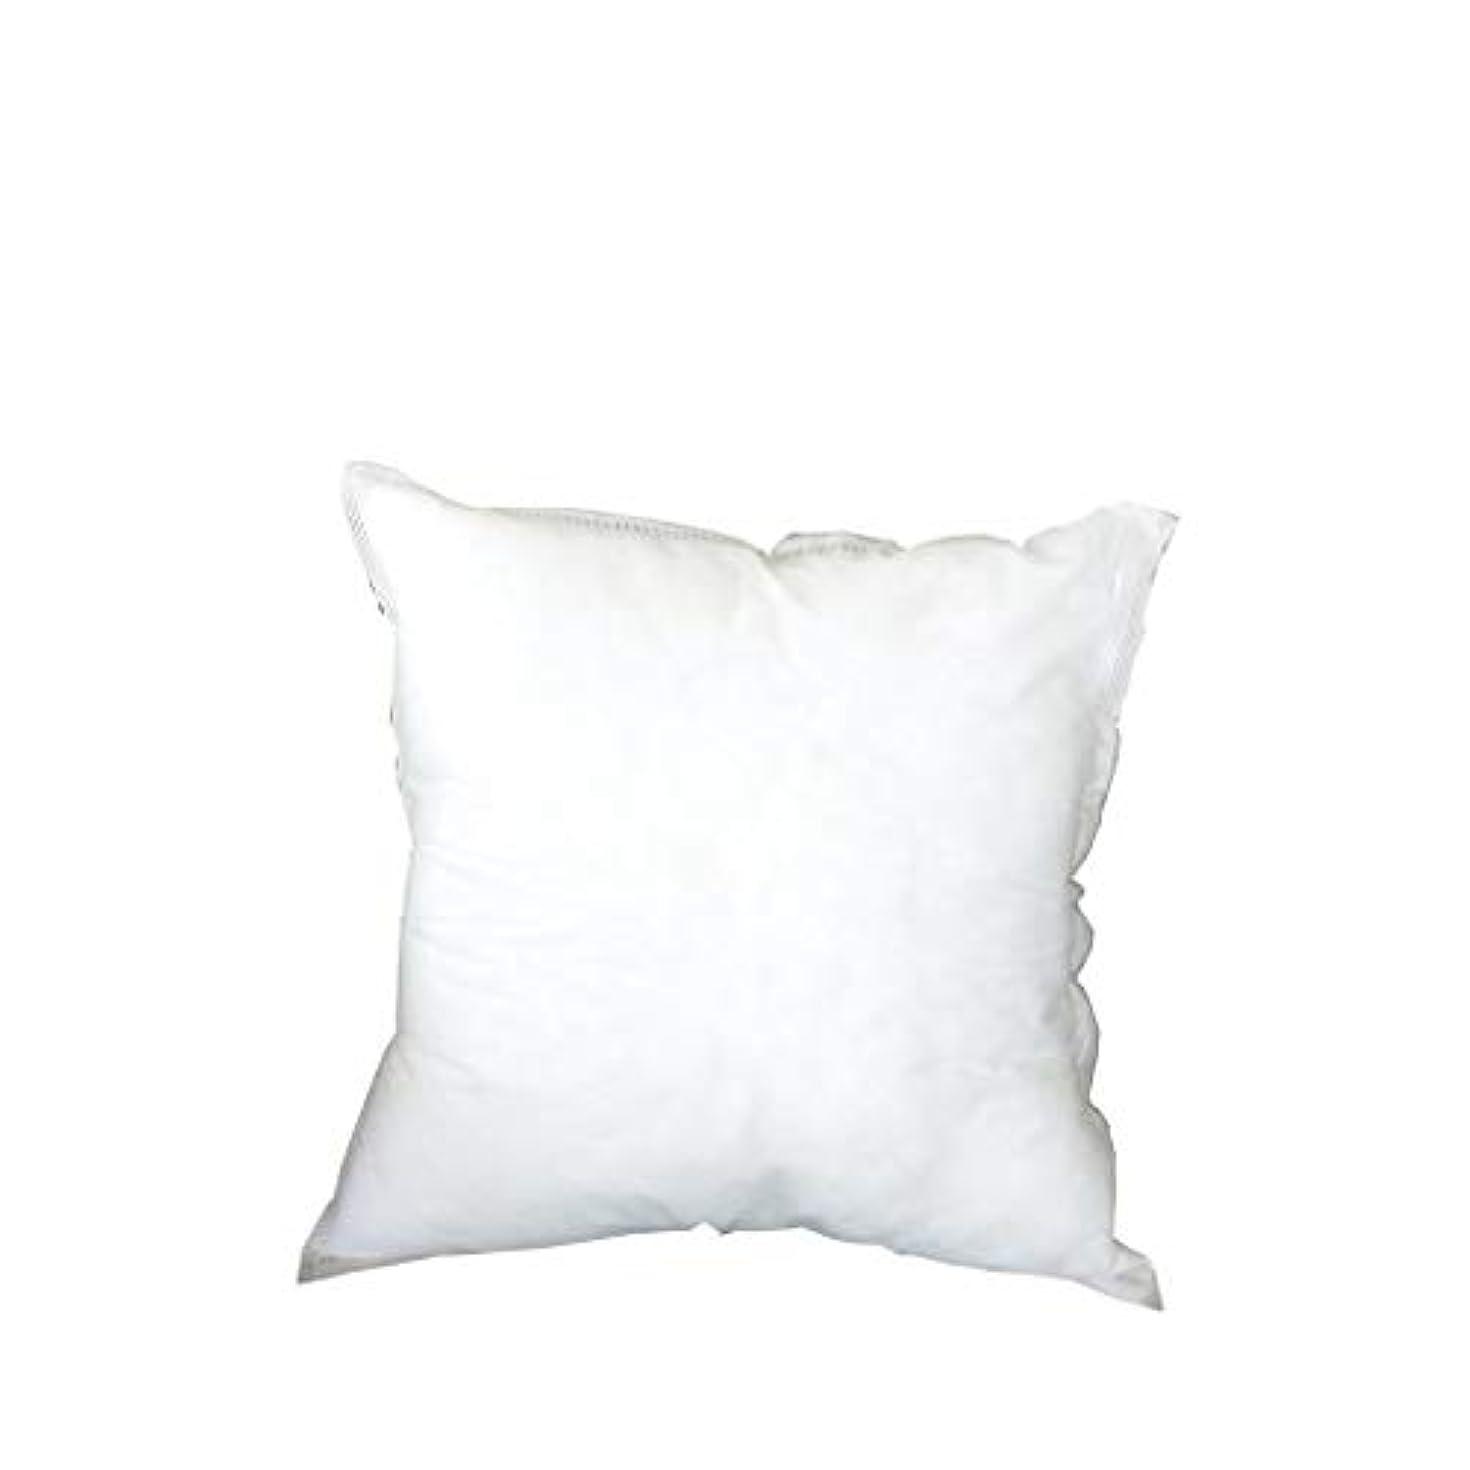 ブリードあえぎ確立LIFE 寝具正方形 PP 綿枕インテリア家の装飾白 45 × 45 車のソファチェアクッション coussin decoratif 新 クッション 椅子